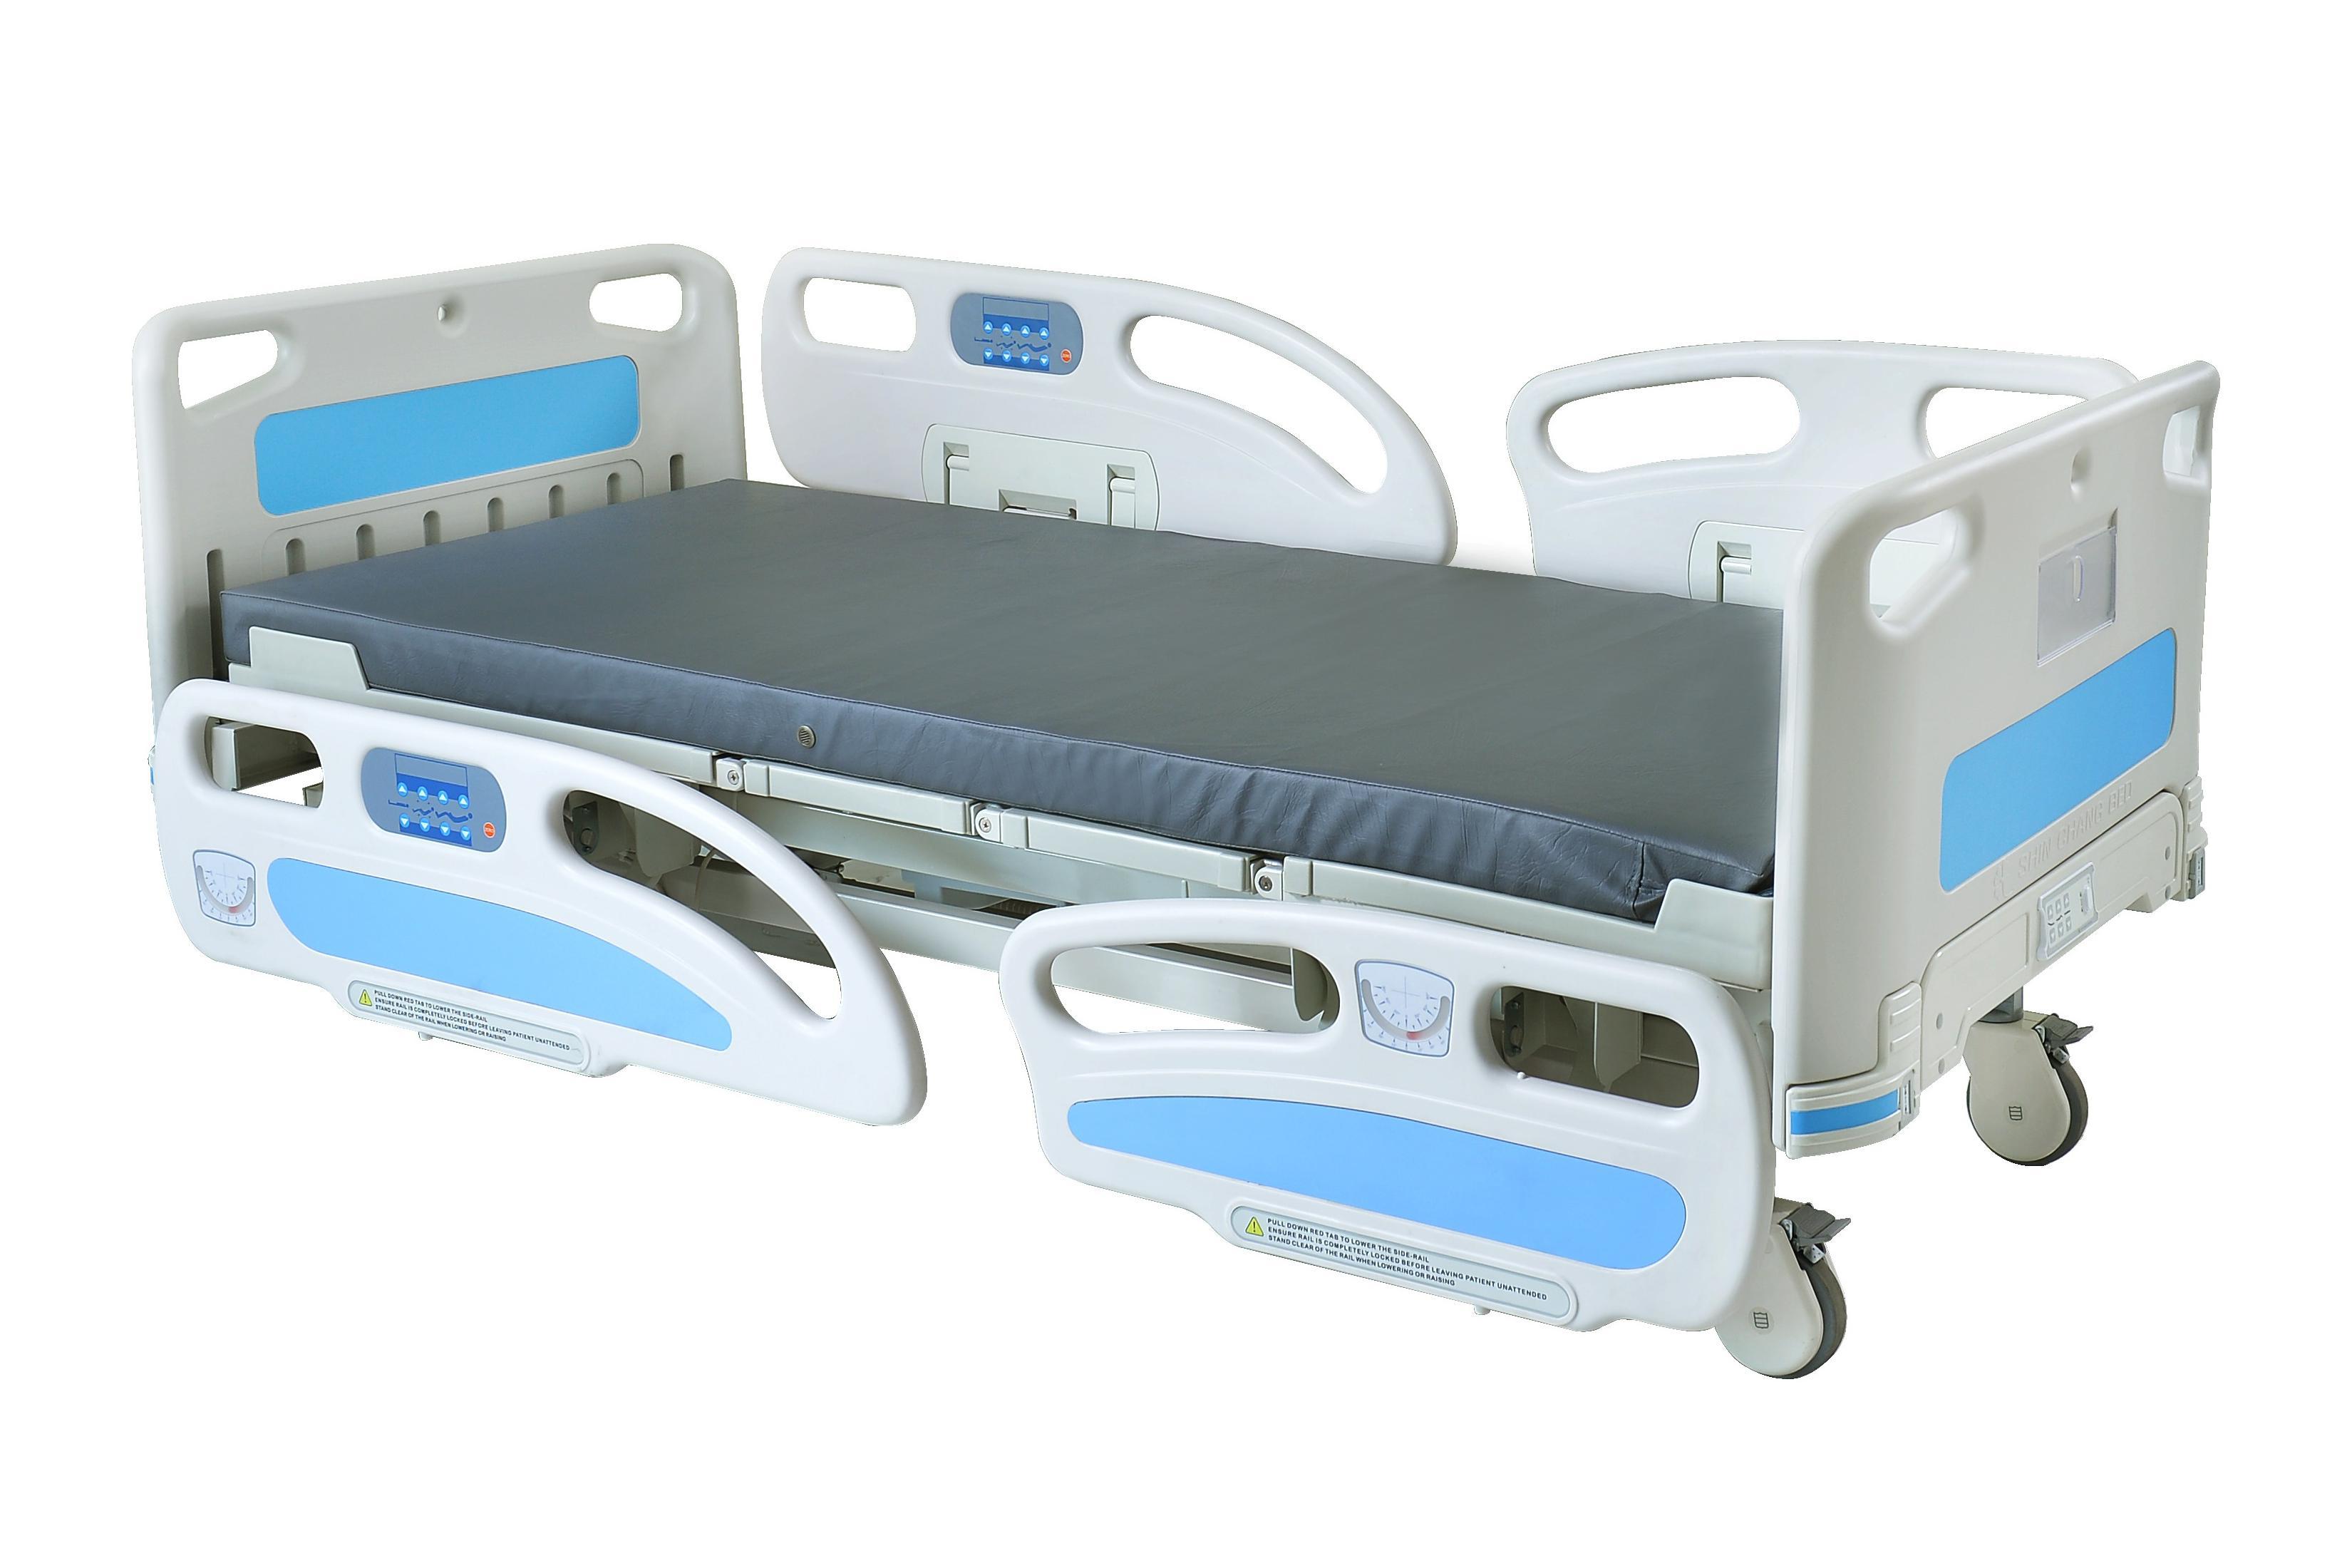 Shinchang Medical Instrument Company's products